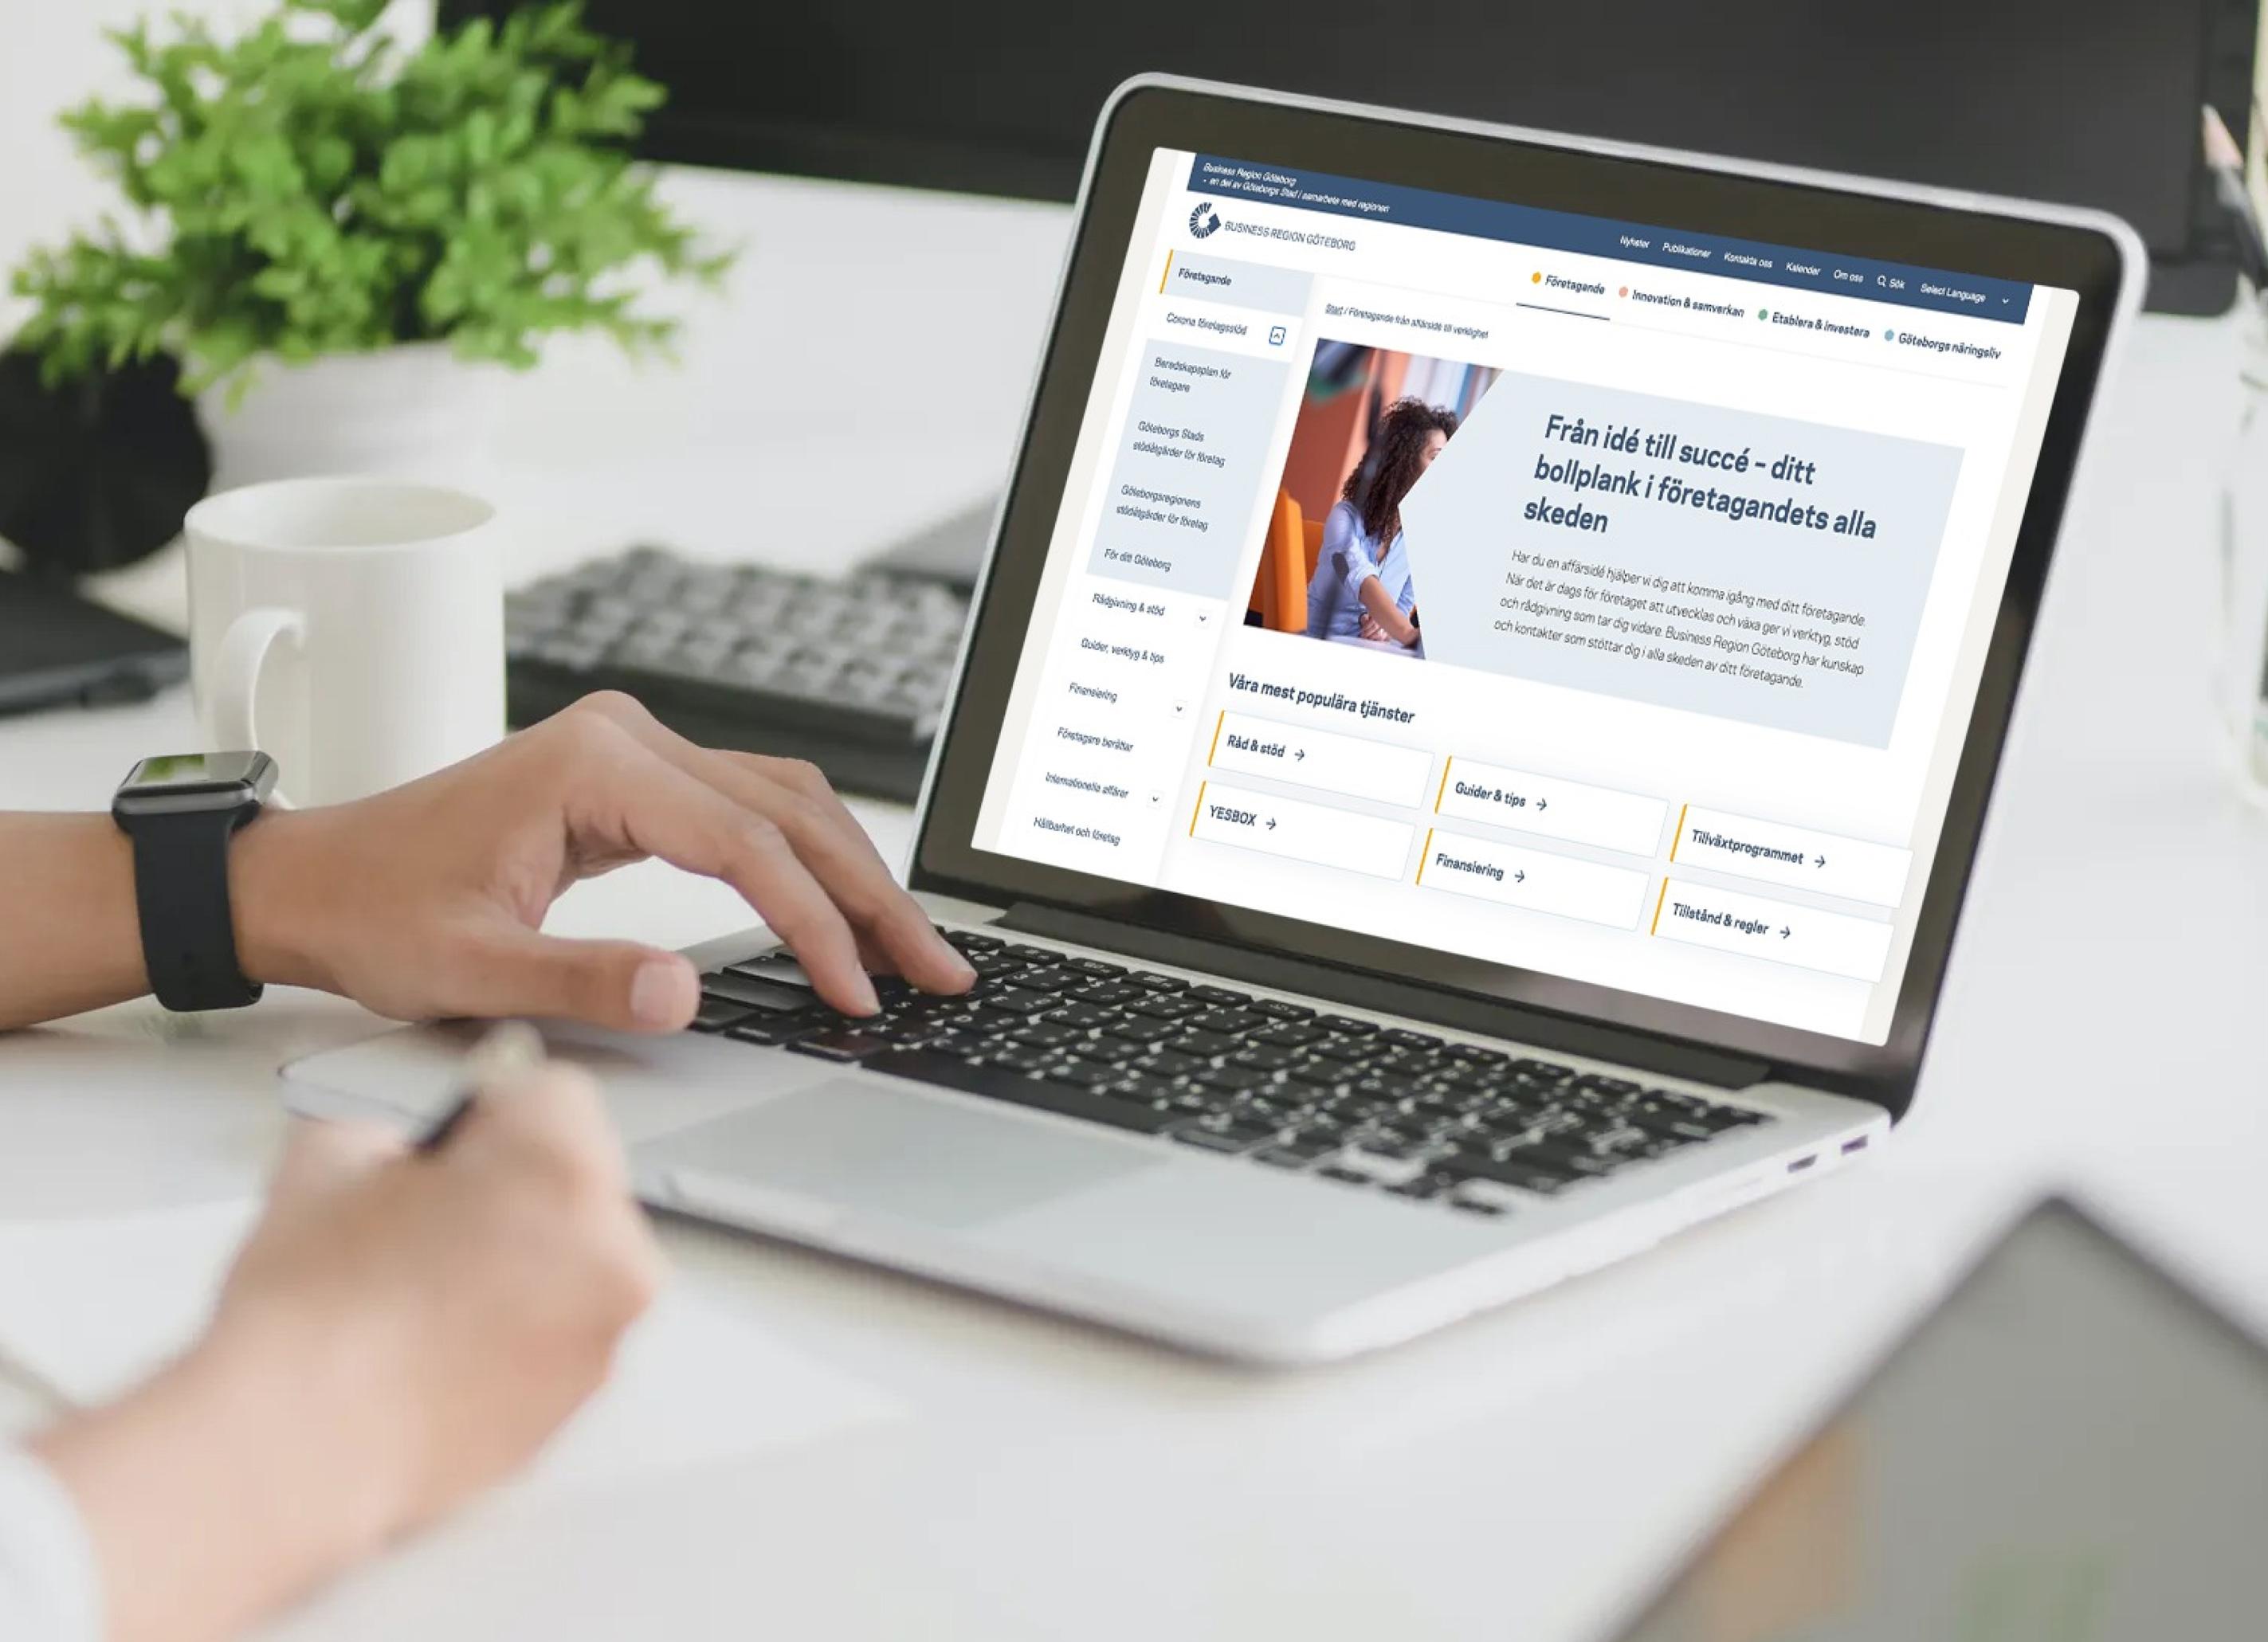 Kvinna använder sin laptop för att navigera på Business region Göteborgs nya hemsida